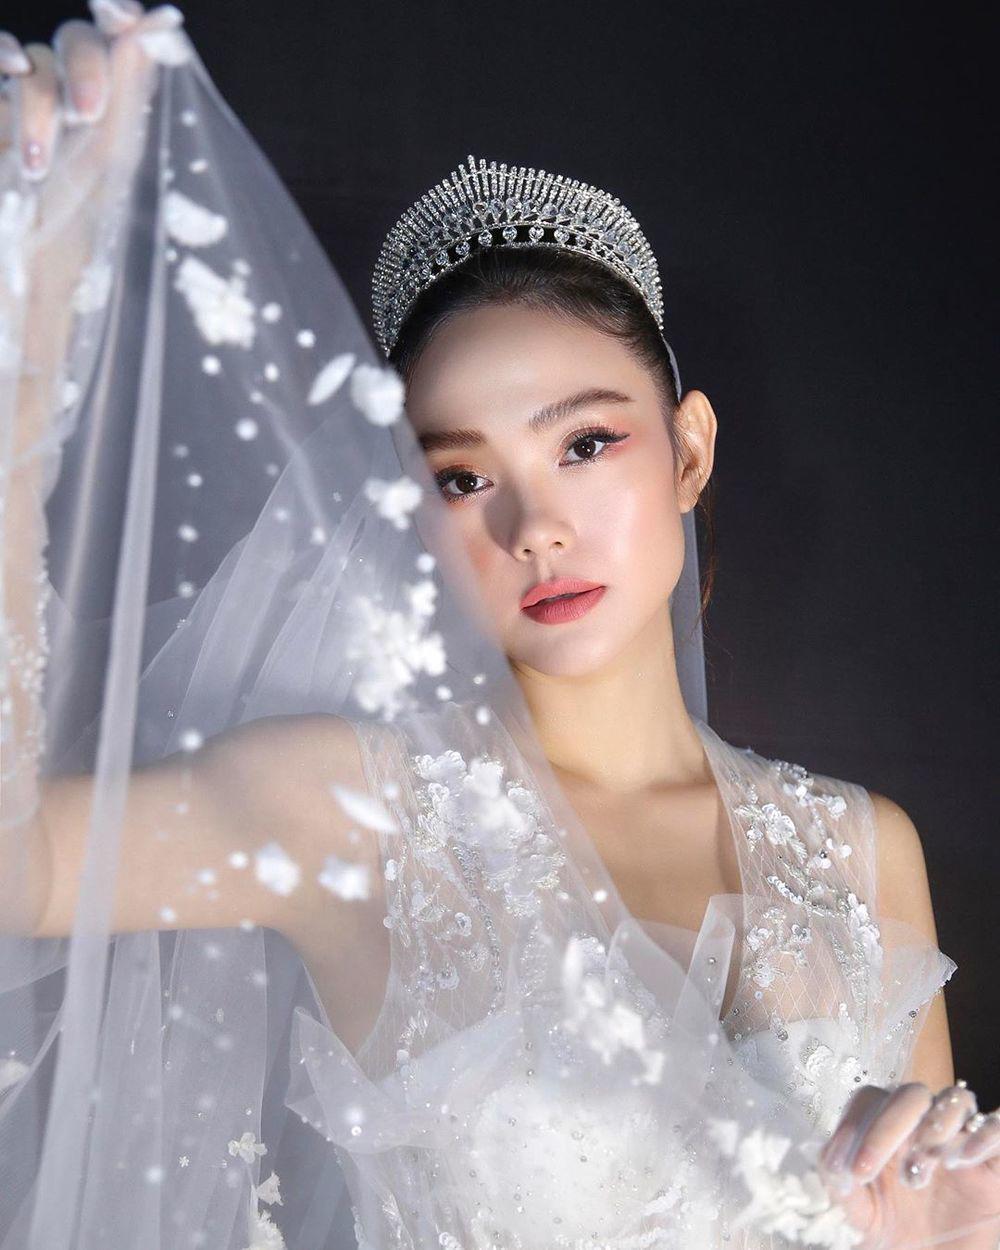 Điểm lại 6 trào lưu làm đẹp nổi bật nhất năm 2019 để xem bạncó là quý cô sành điệu